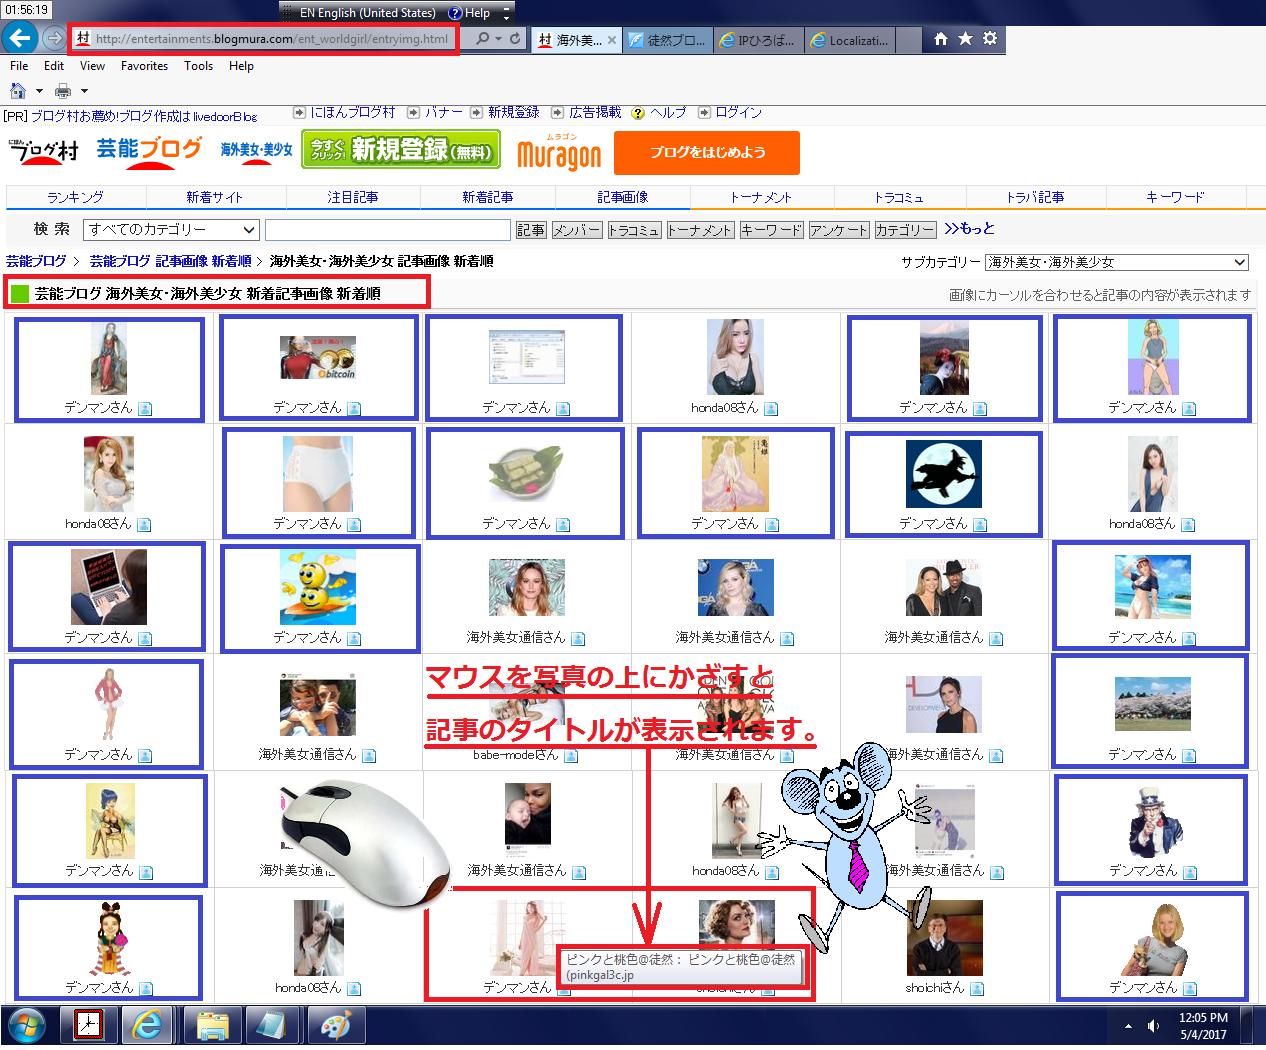 「にほんブログ村」の海外美女・海外美少女 新着記事画像のページ